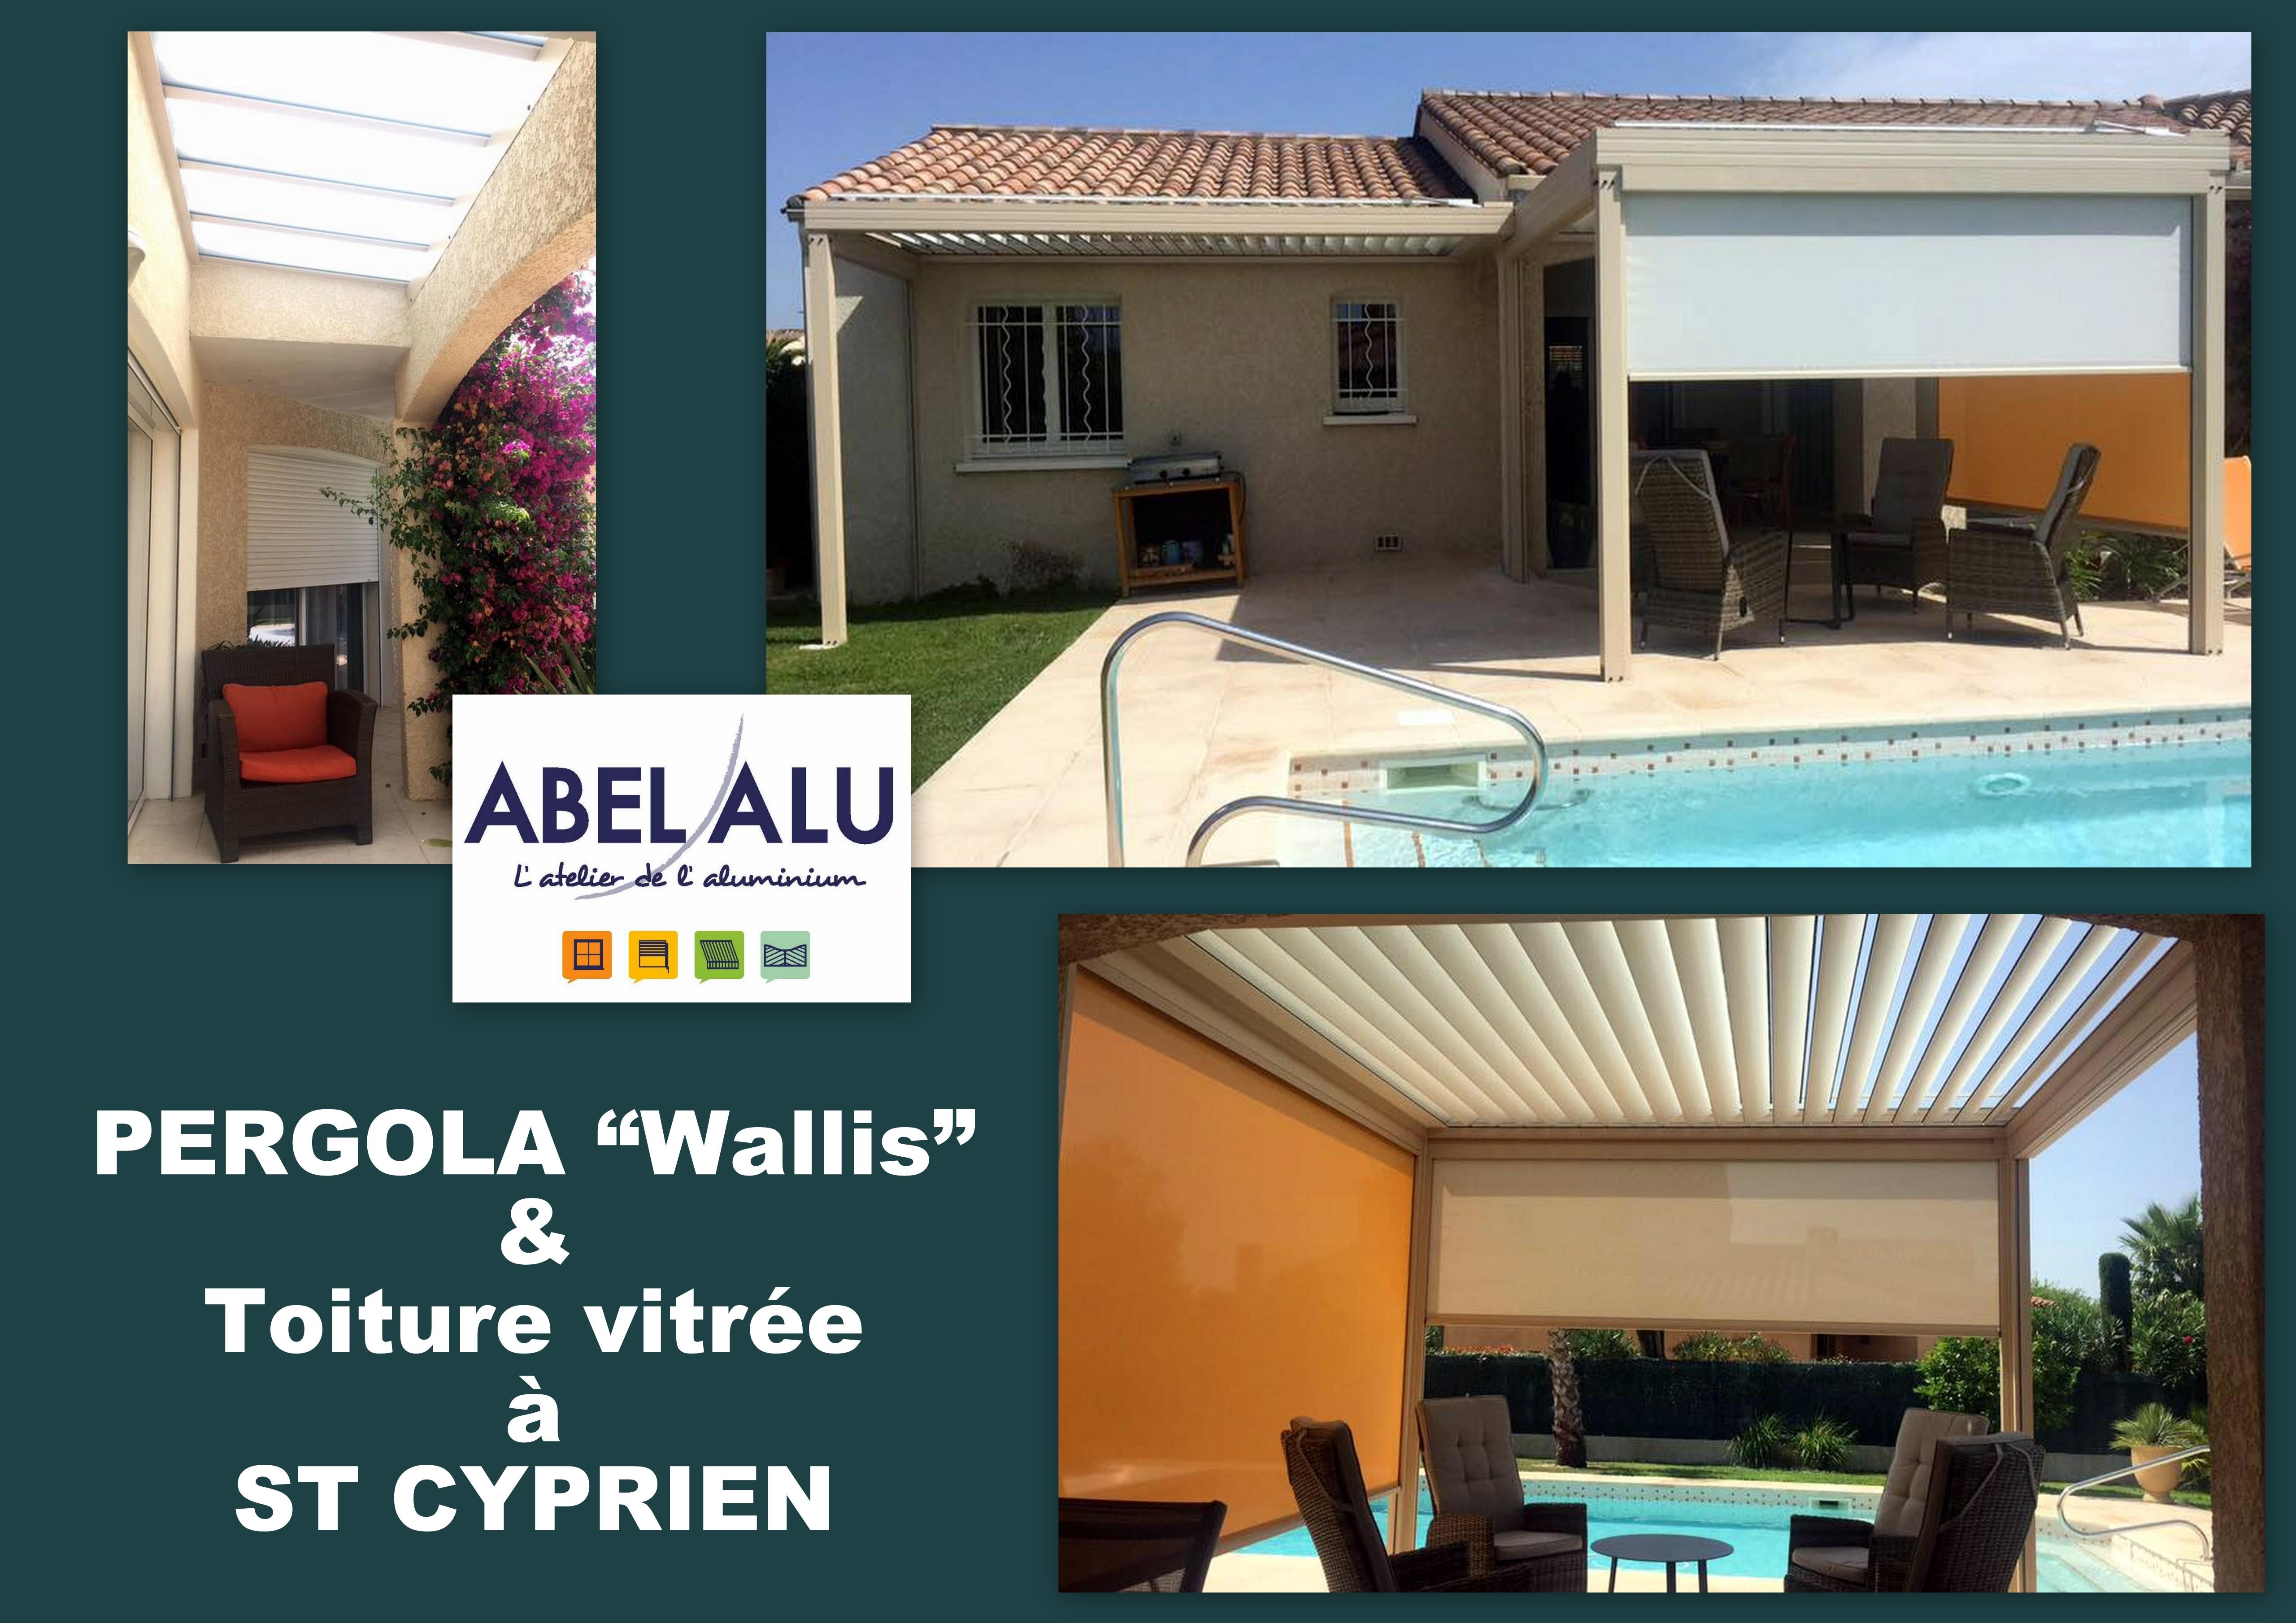 ABEL ALU - PERGOLA Wallis - ST CYPRIEN